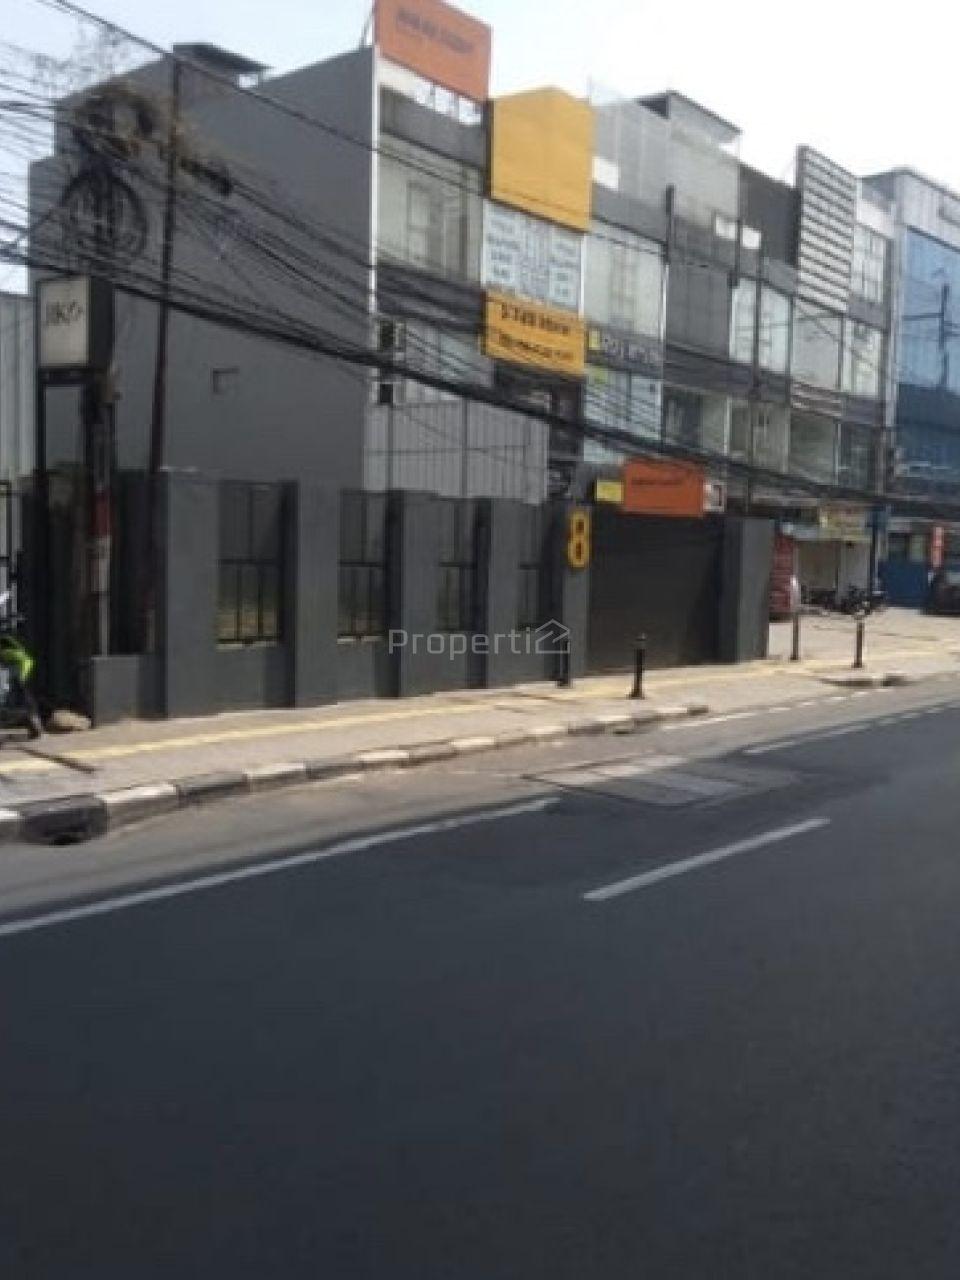 Lahan Komersial di Jl. Fatmawati, Jakarta Selatan